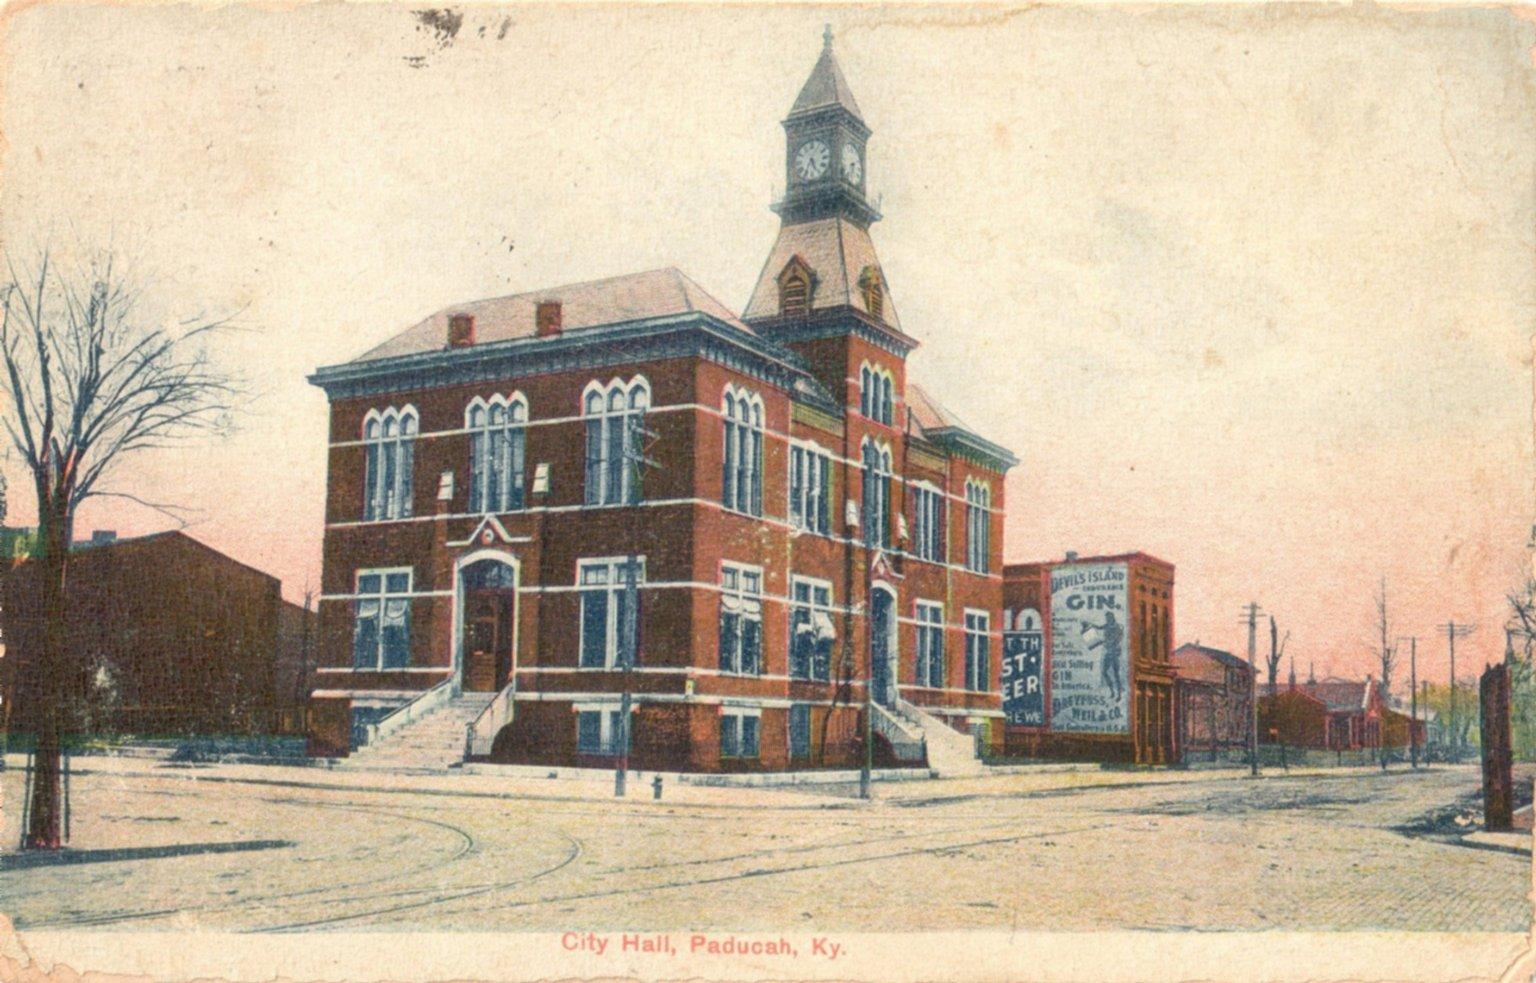 City Hall, Paducah, KY